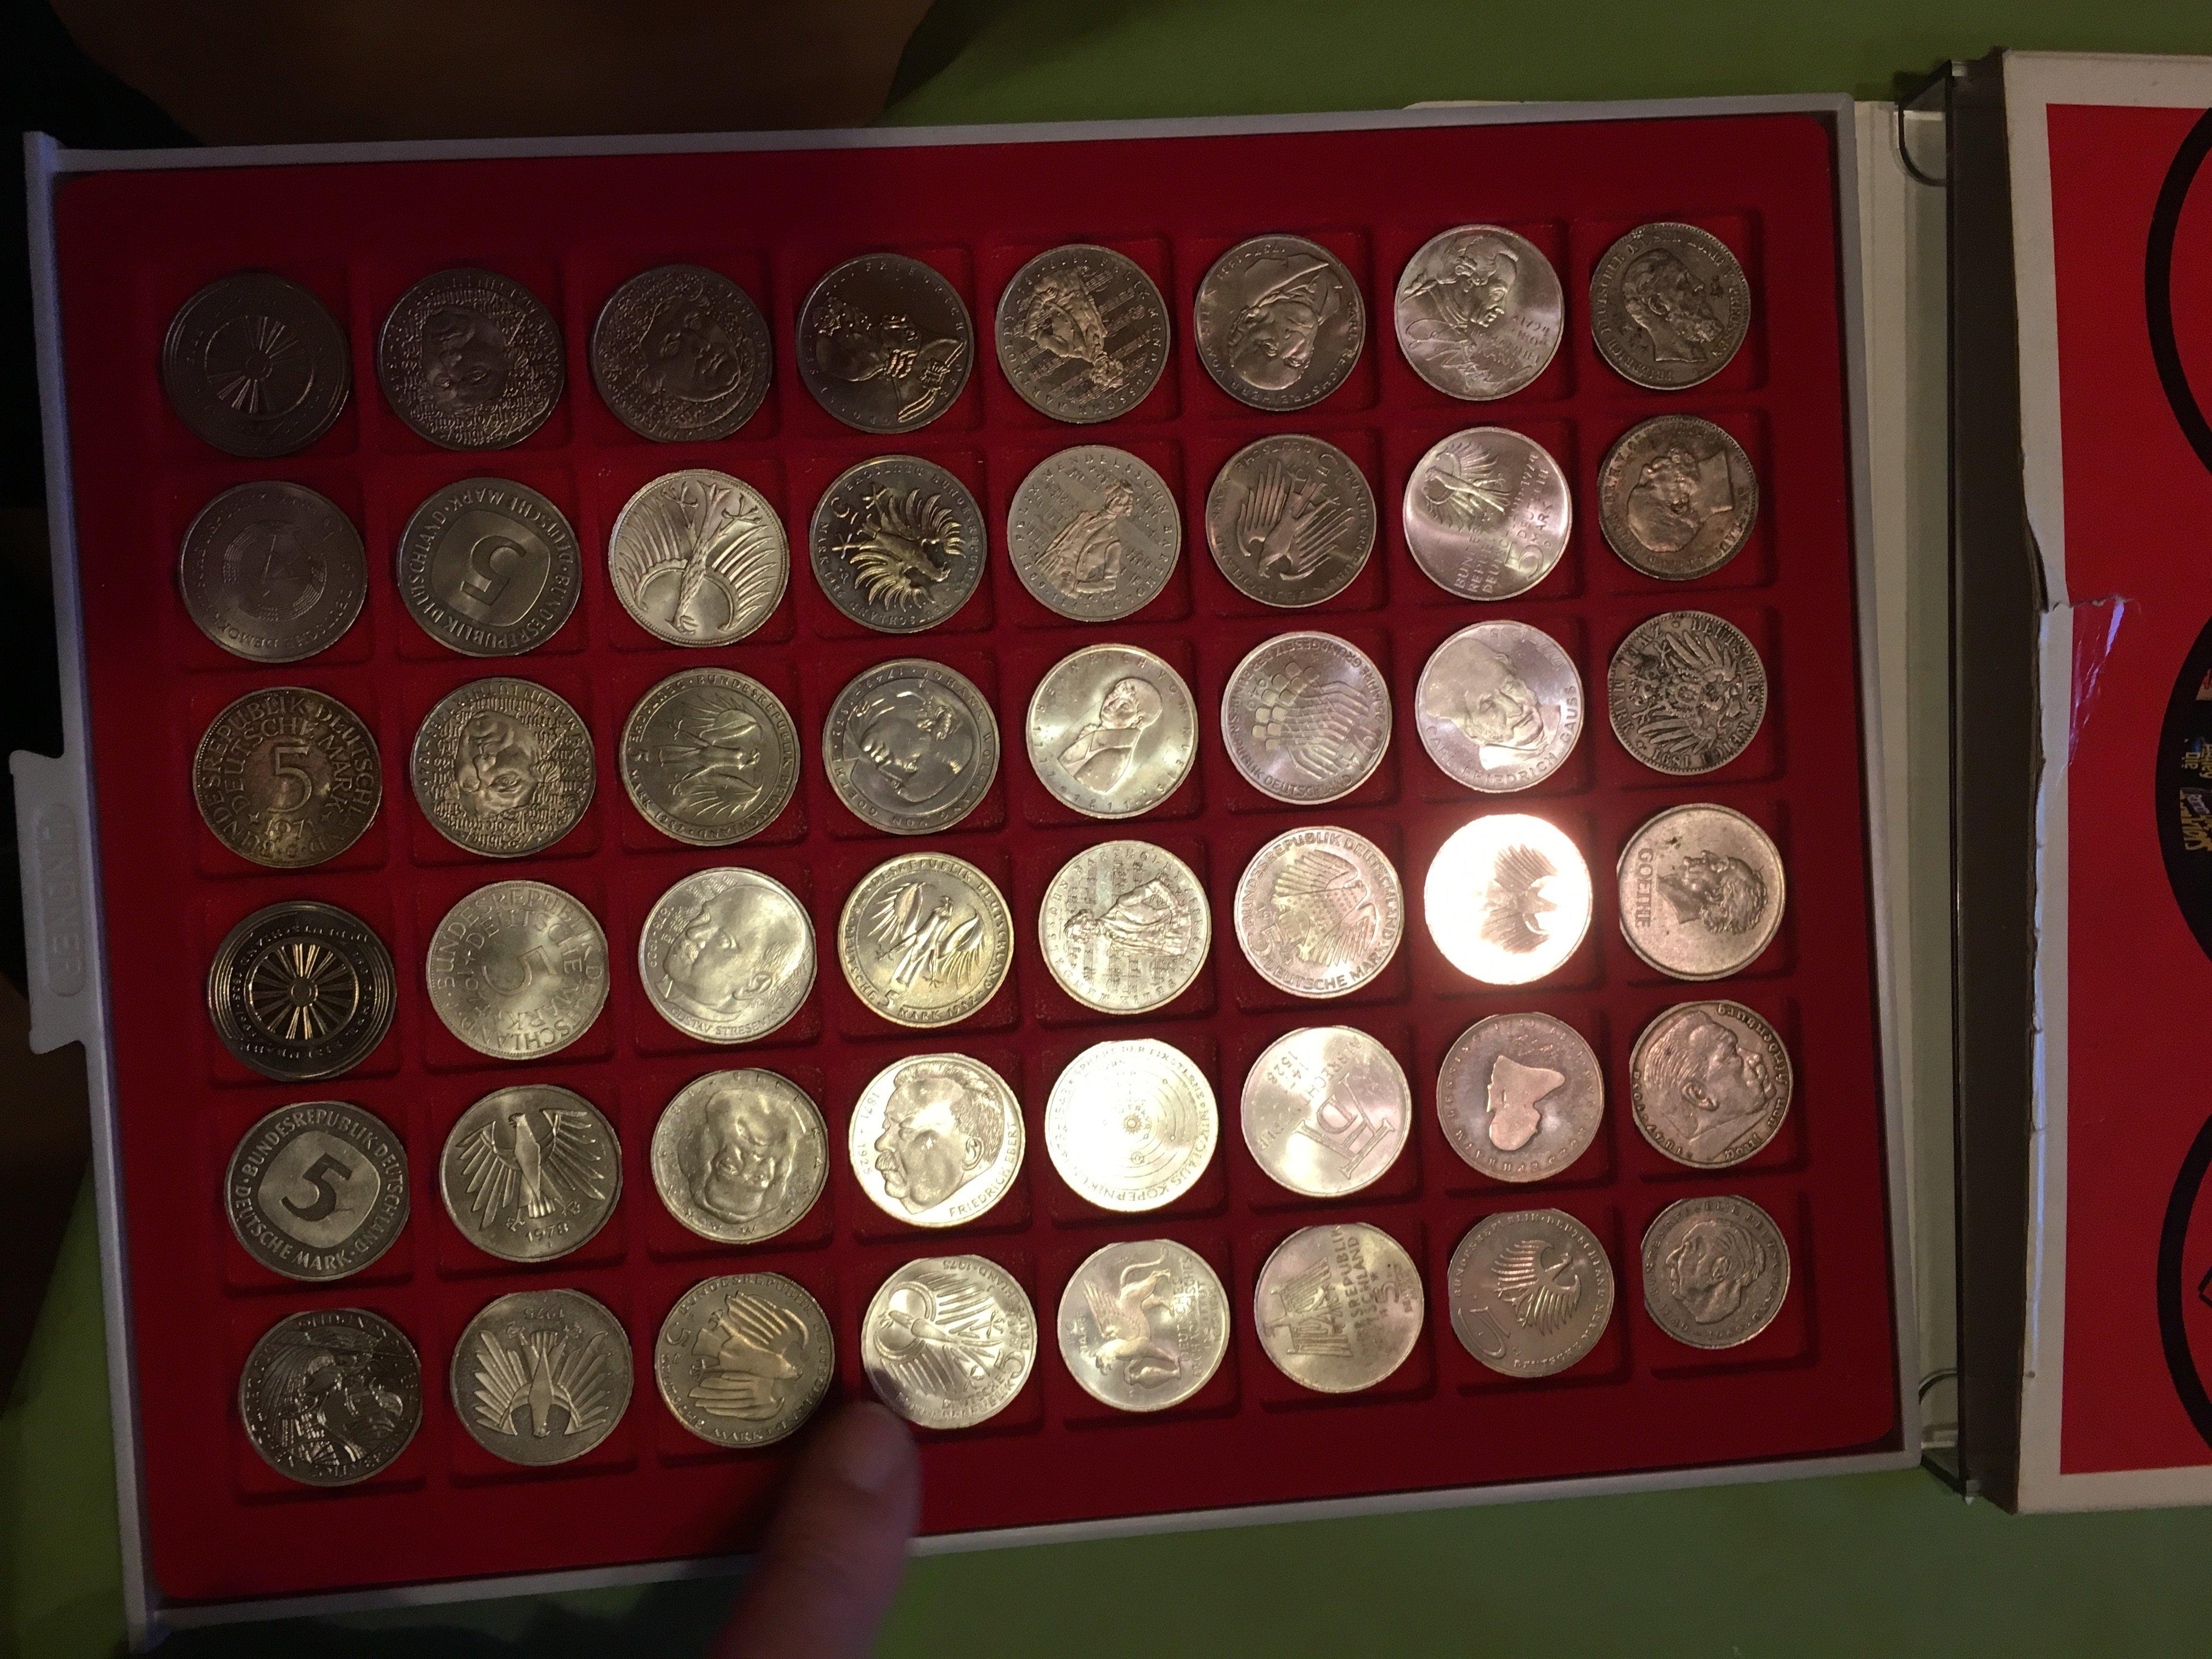 Wieviel Sind Diese Münzen Wert 5 Mark Münzen